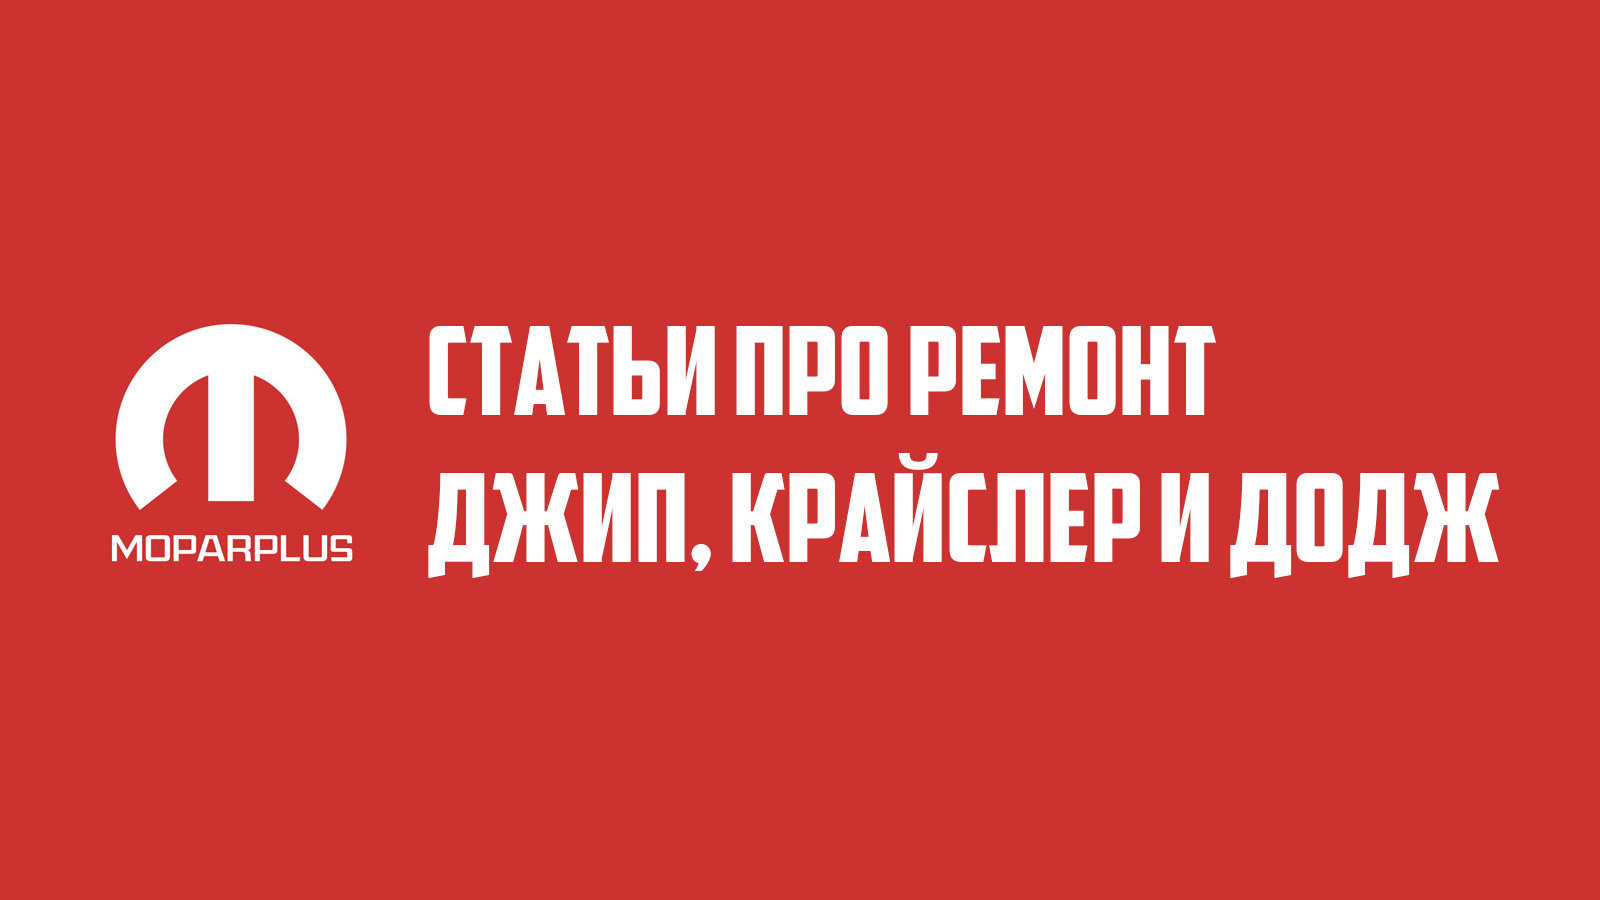 Статьи про ремонт. Выпуск №13.